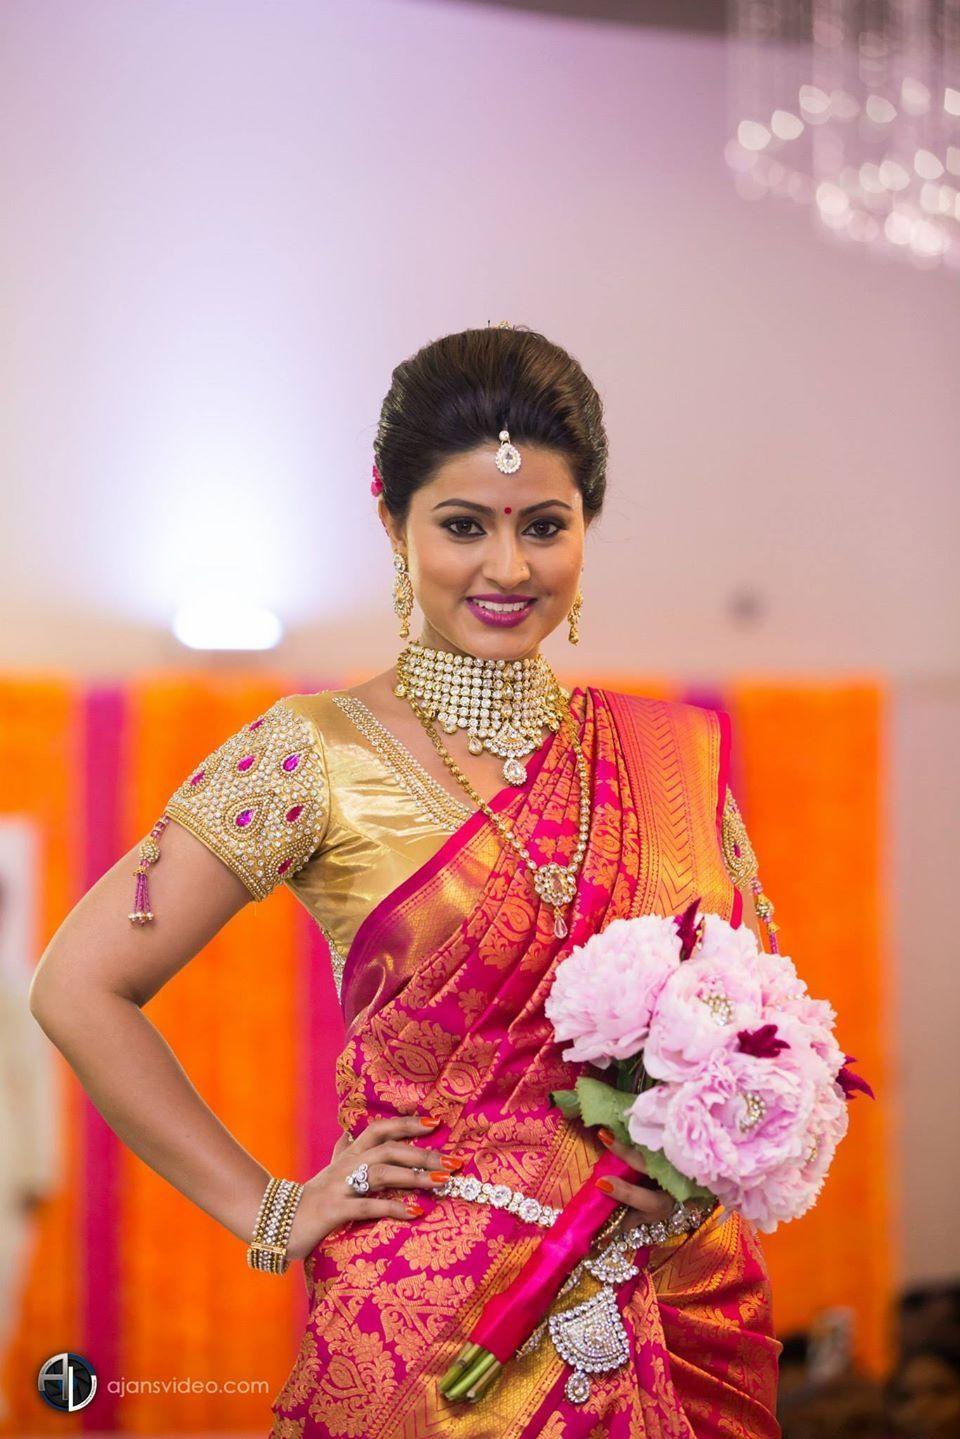 Actress Sneha at Swayamvaraa Fashion Show, London. South